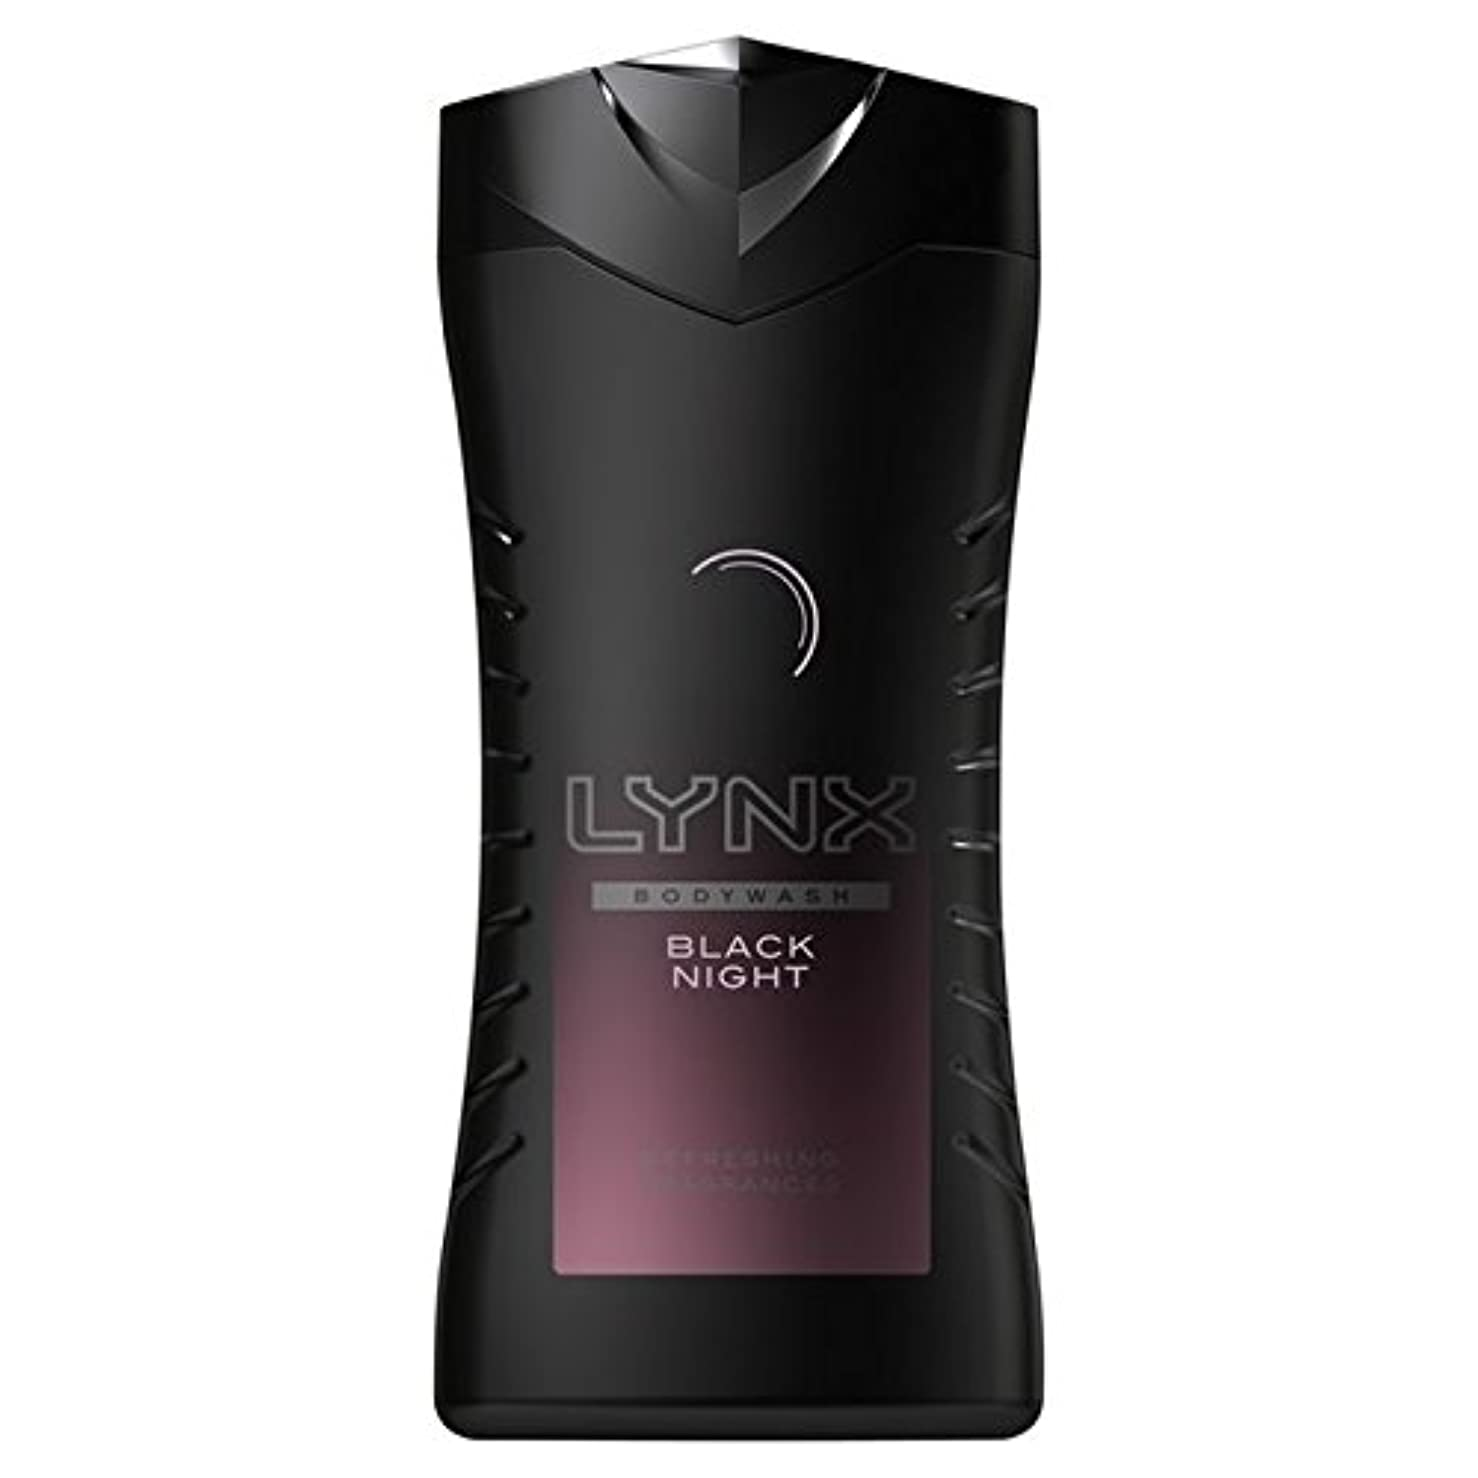 気づかない丁寧細心のLynx Black Night Shower Gel 250ml (Pack of 6) - オオヤマネコ黒夜シャワージェル250ミリリットル x6 [並行輸入品]